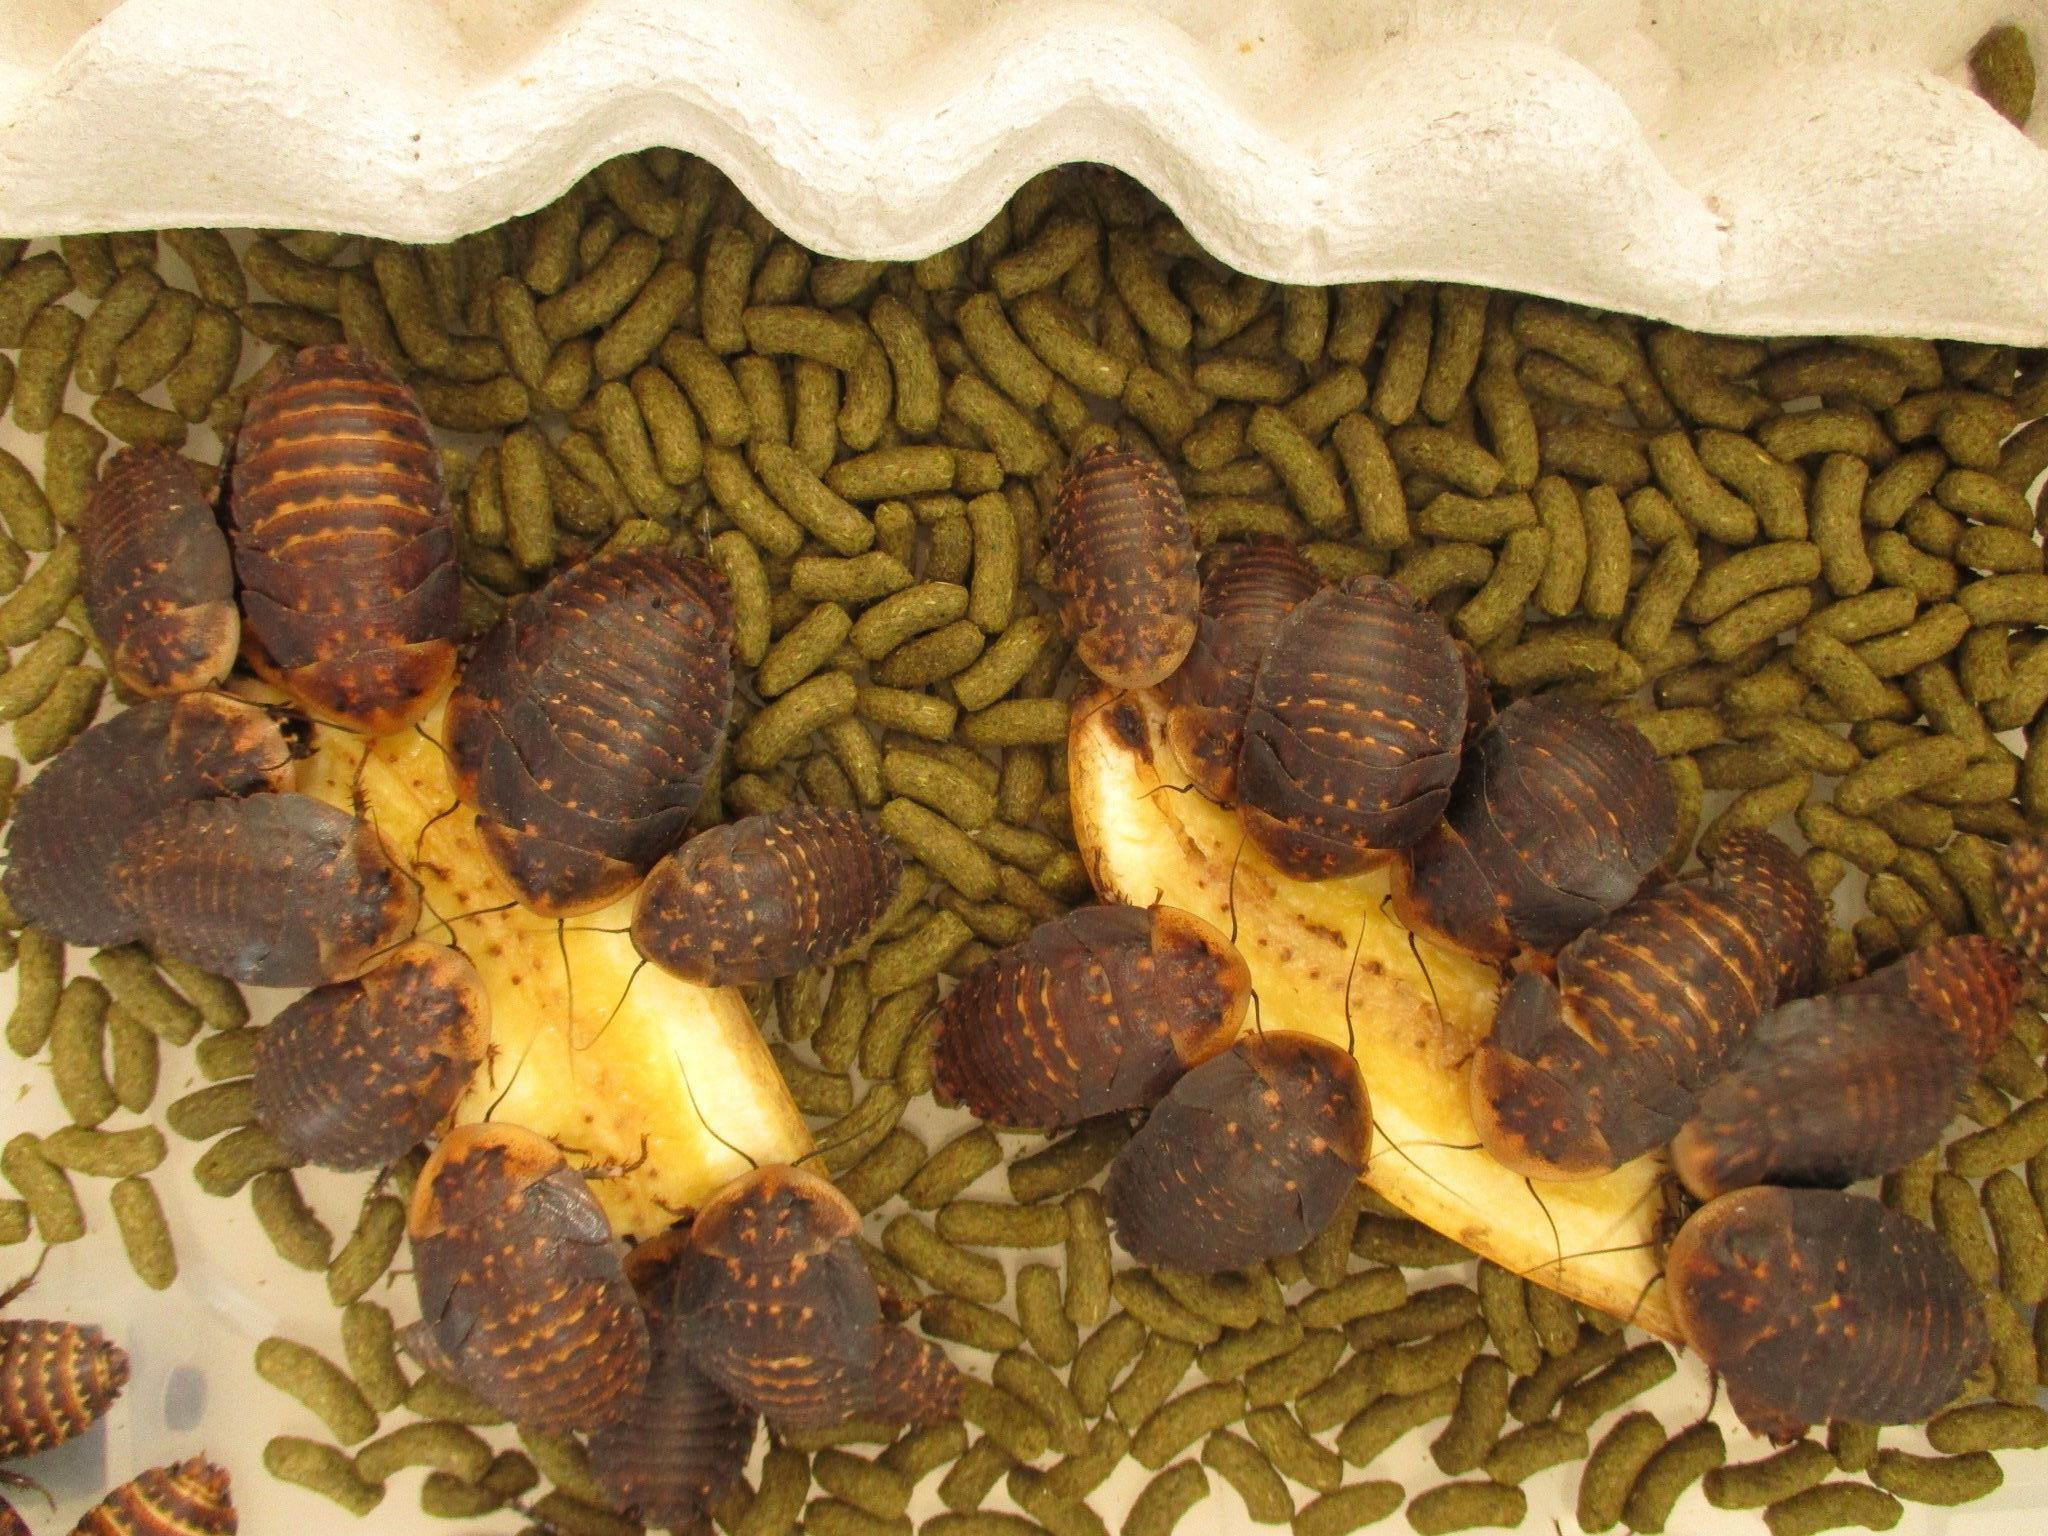 ブラベルスアトロポス 幼虫 バナナに群がる